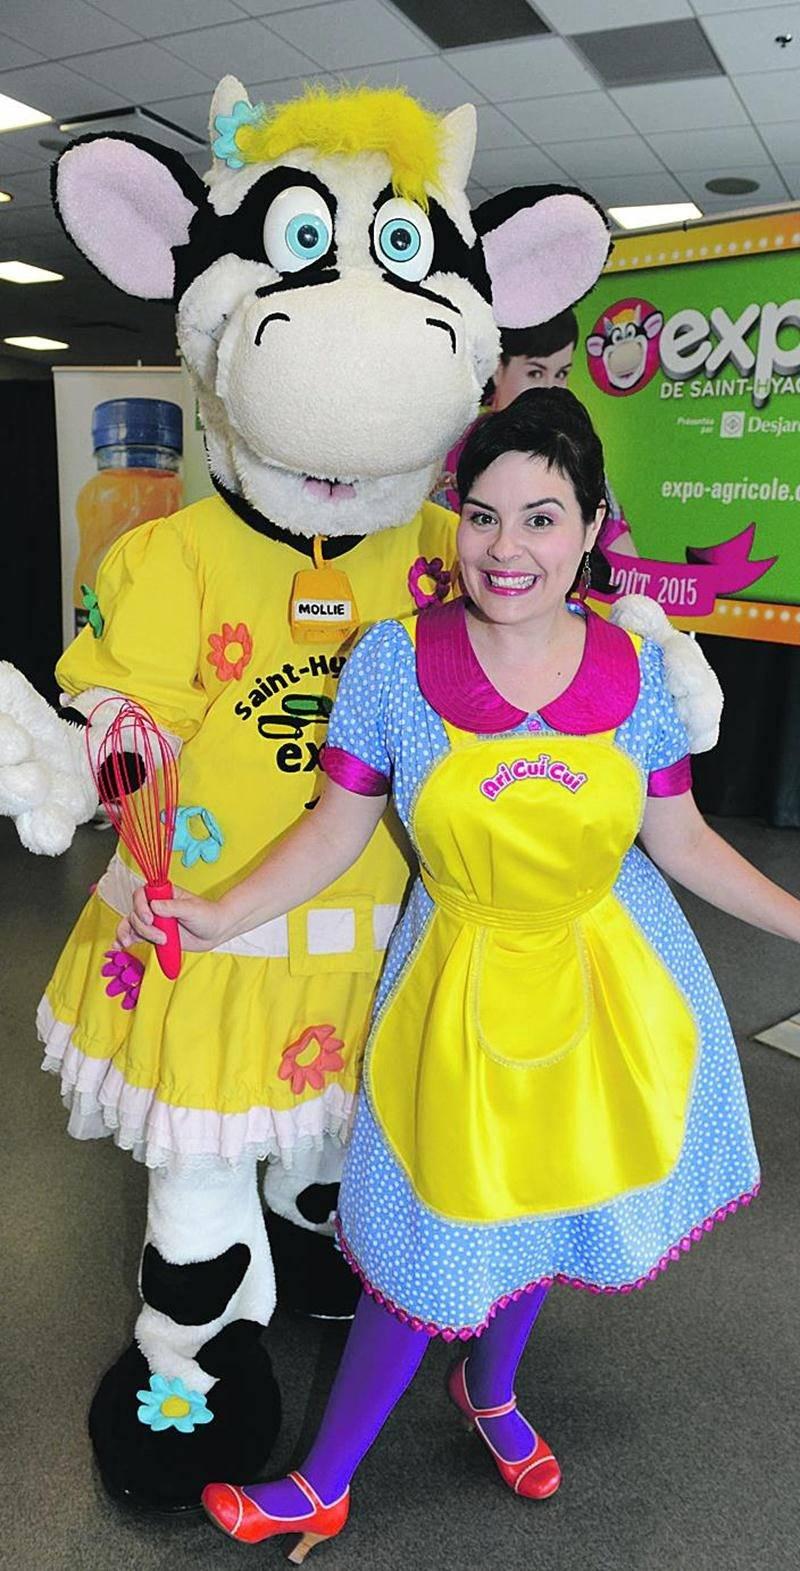 Pour une deuxième année, Ari Cui Cui est la porte-parole de l'Expo de Saint-Hyacinthe. La journée du dimanche 26 juillet sera entièrement consacrée à l'artiste jeunesse. Sur la photo, elle pose en compagnie de Mollie, la mascotte de l'exposition agricole. Expo de Saint-Hyacinthe